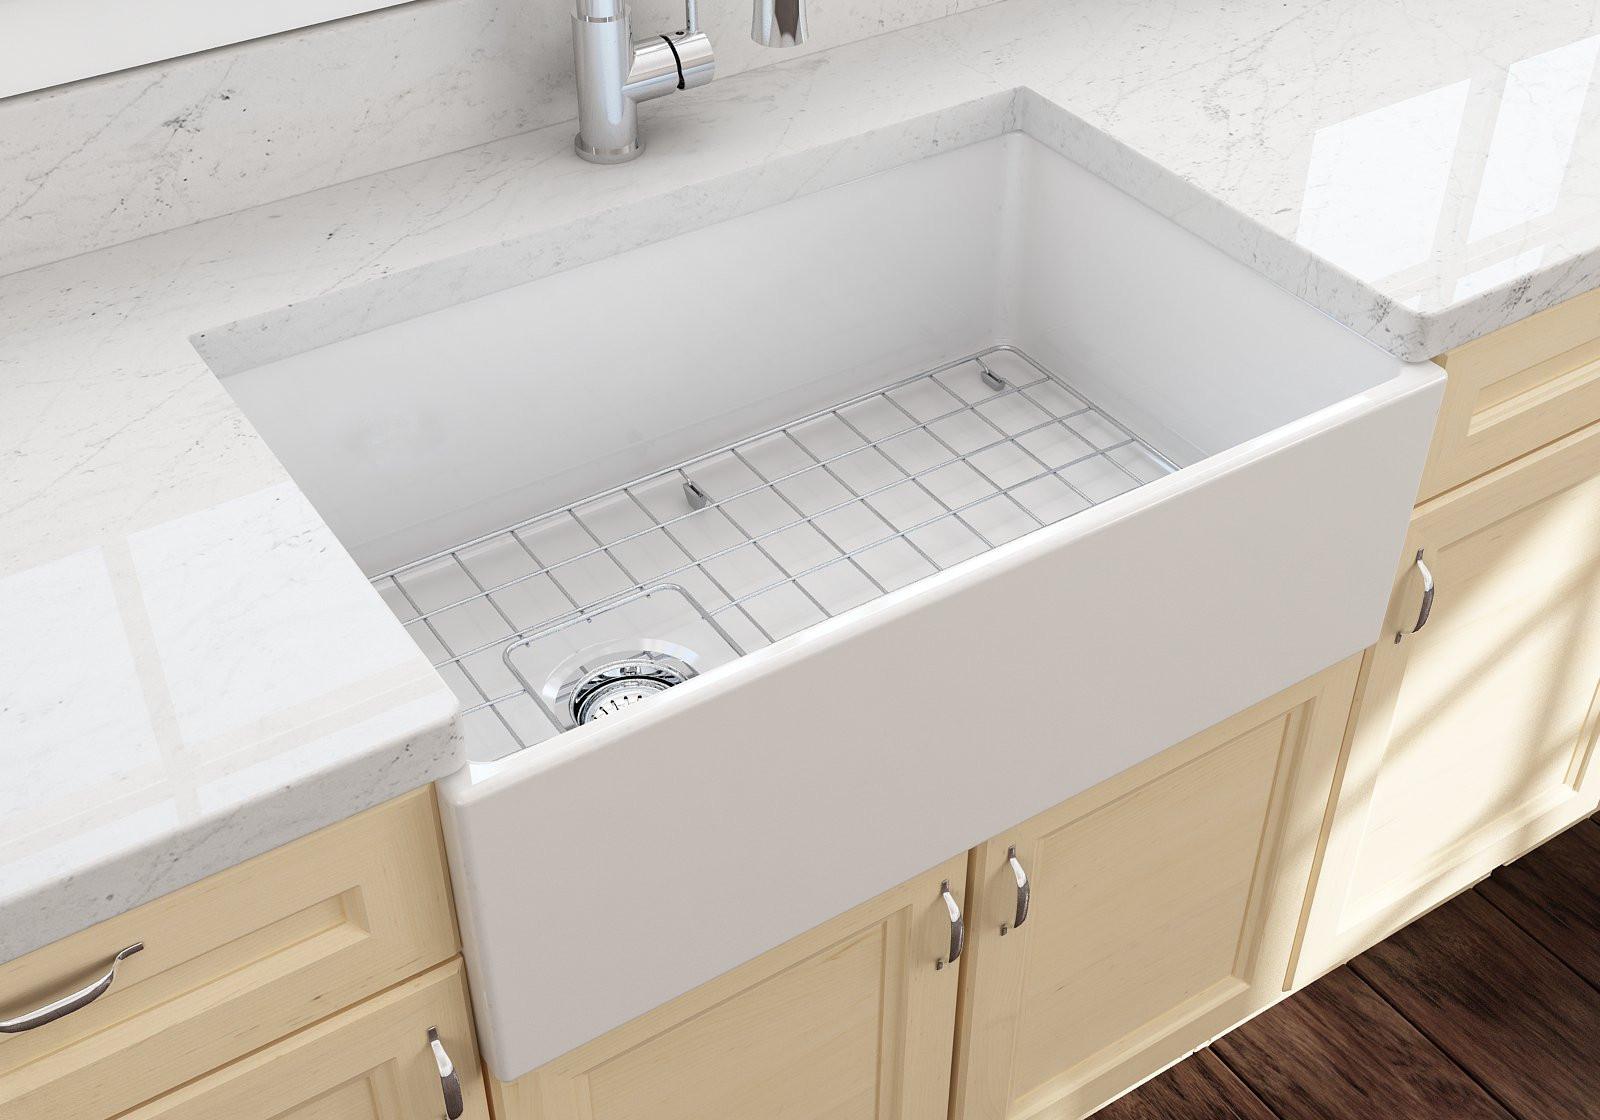 BOCCHI 1346-001-0120 Contempo Single Kitchen Sink w/ Bottom Grid In White